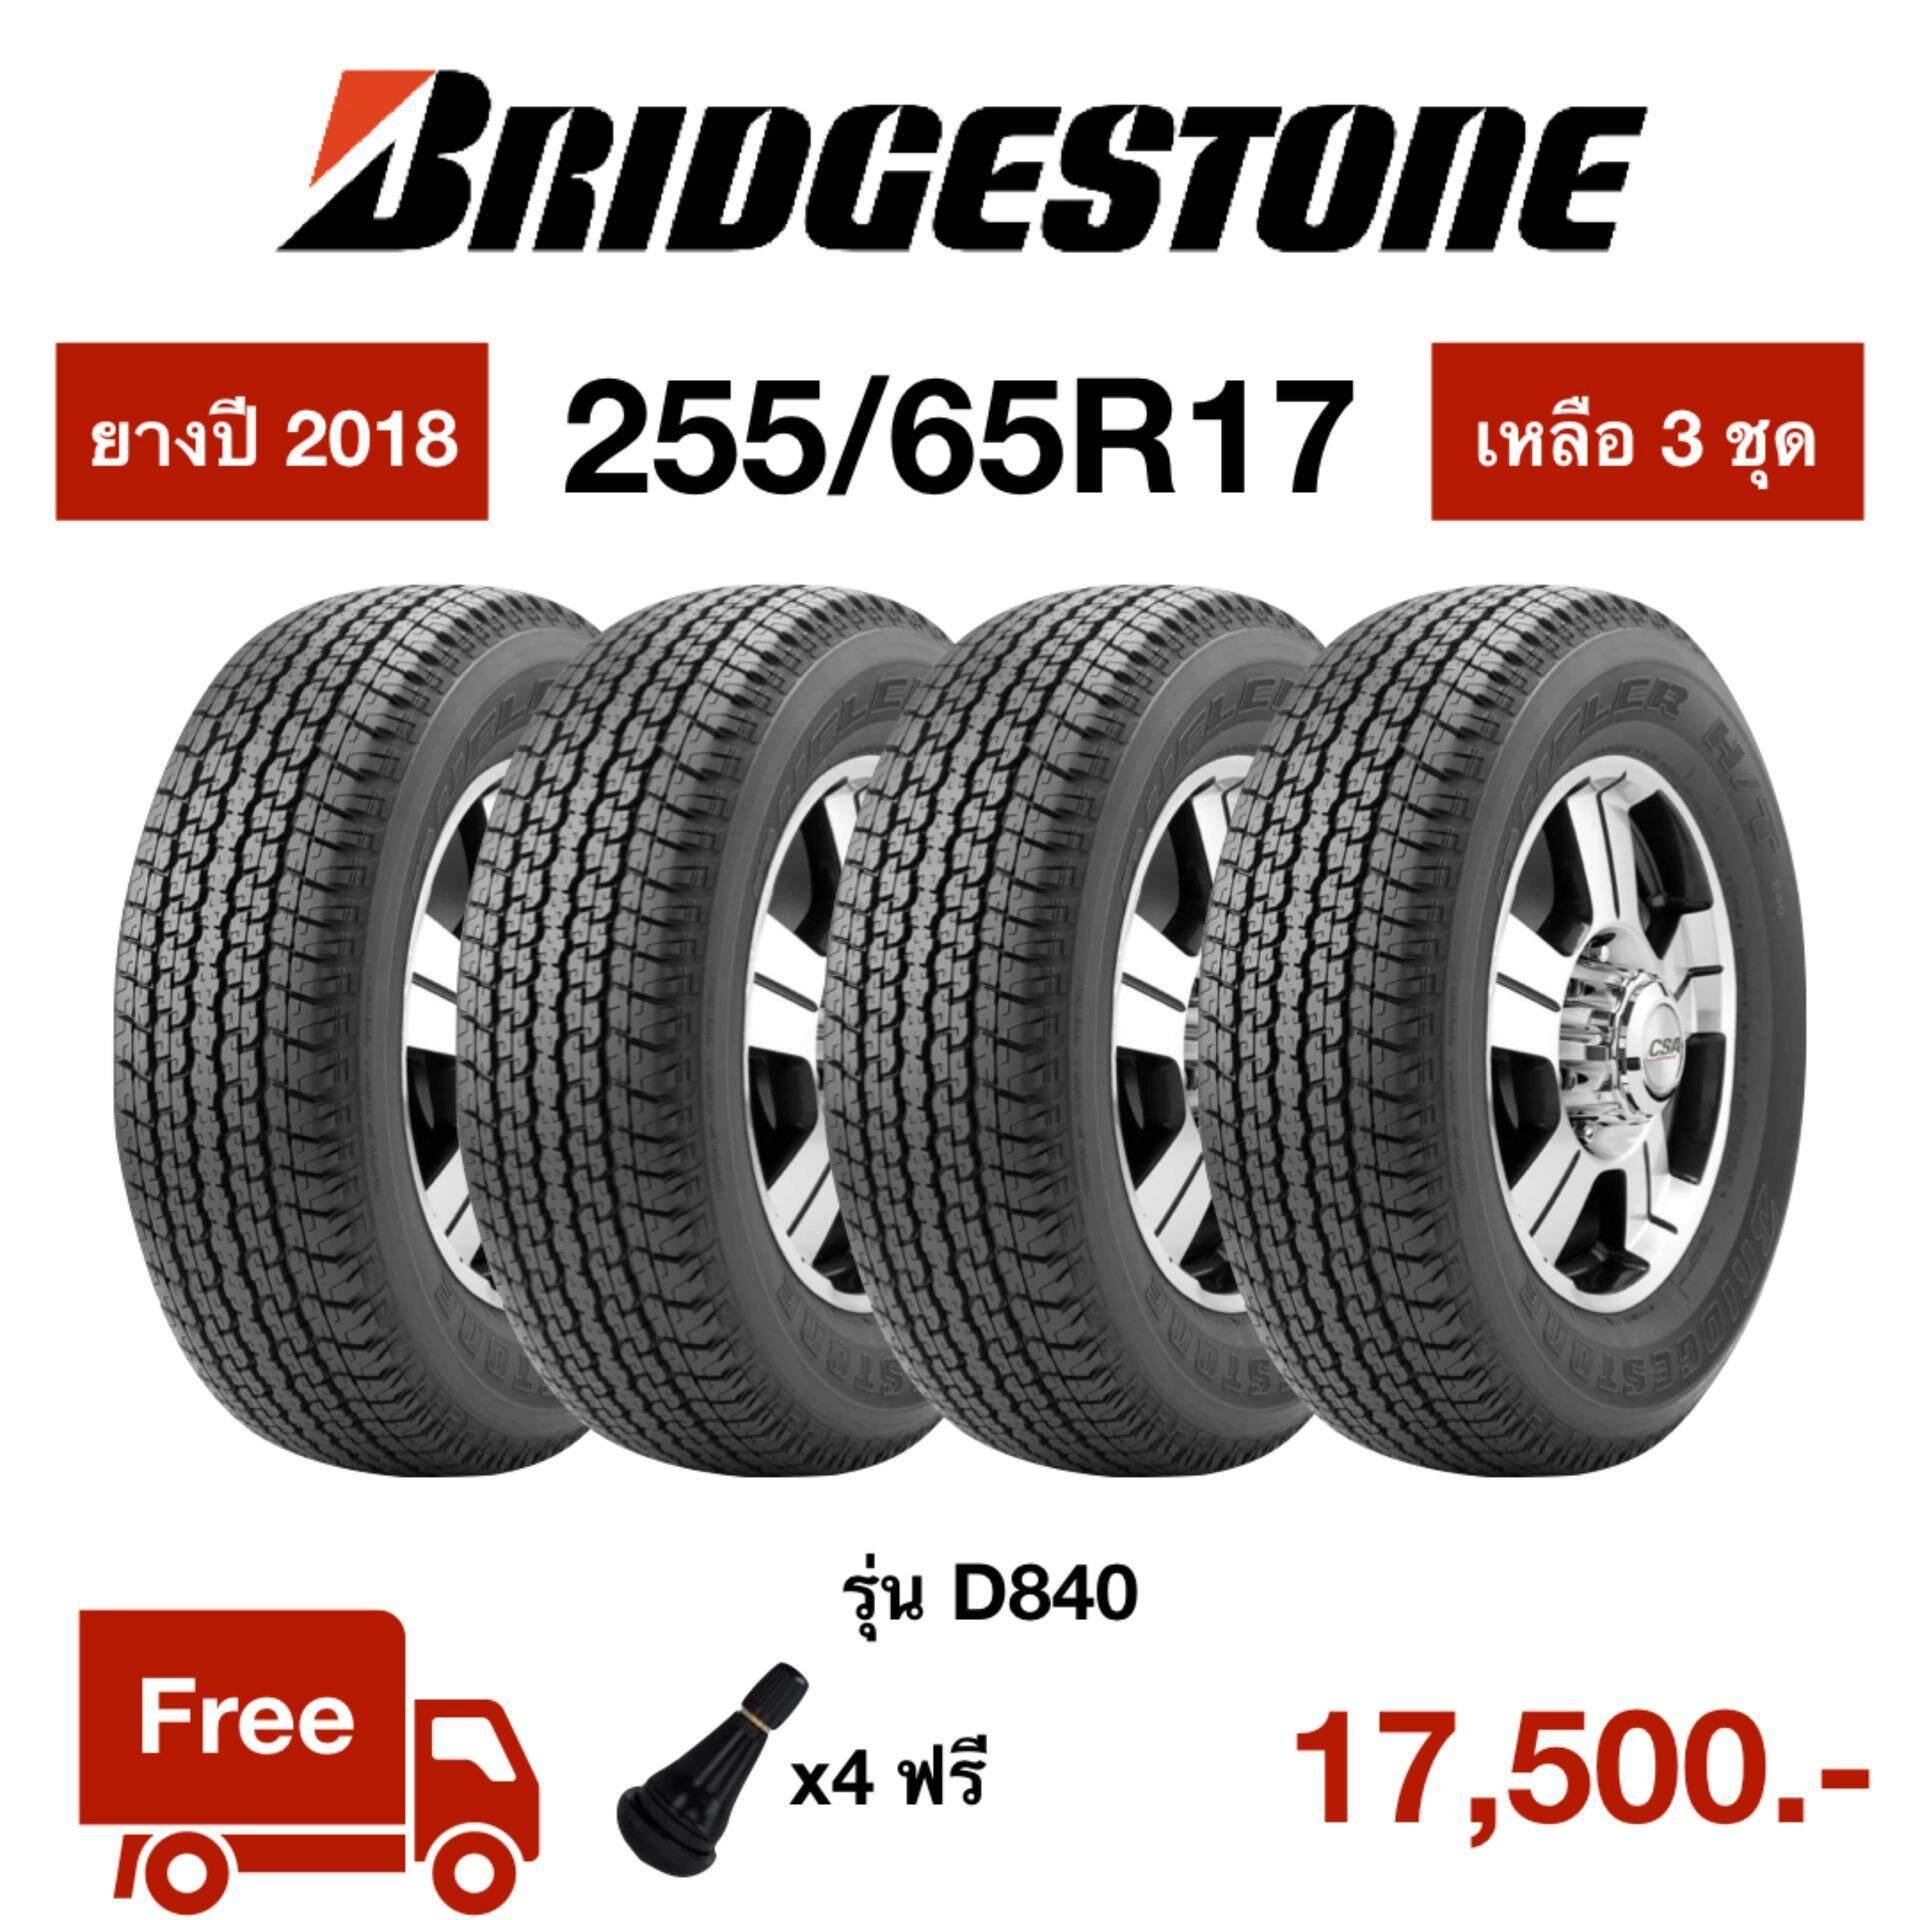 ประกันภัย รถยนต์ 2+ สุราษฎร์ธานี Bridgestone ยางรถยนต์ 255/65R17 DUELER H/T 840 จำนวน 4 เส้น (ยางใหม่ปี 2018)